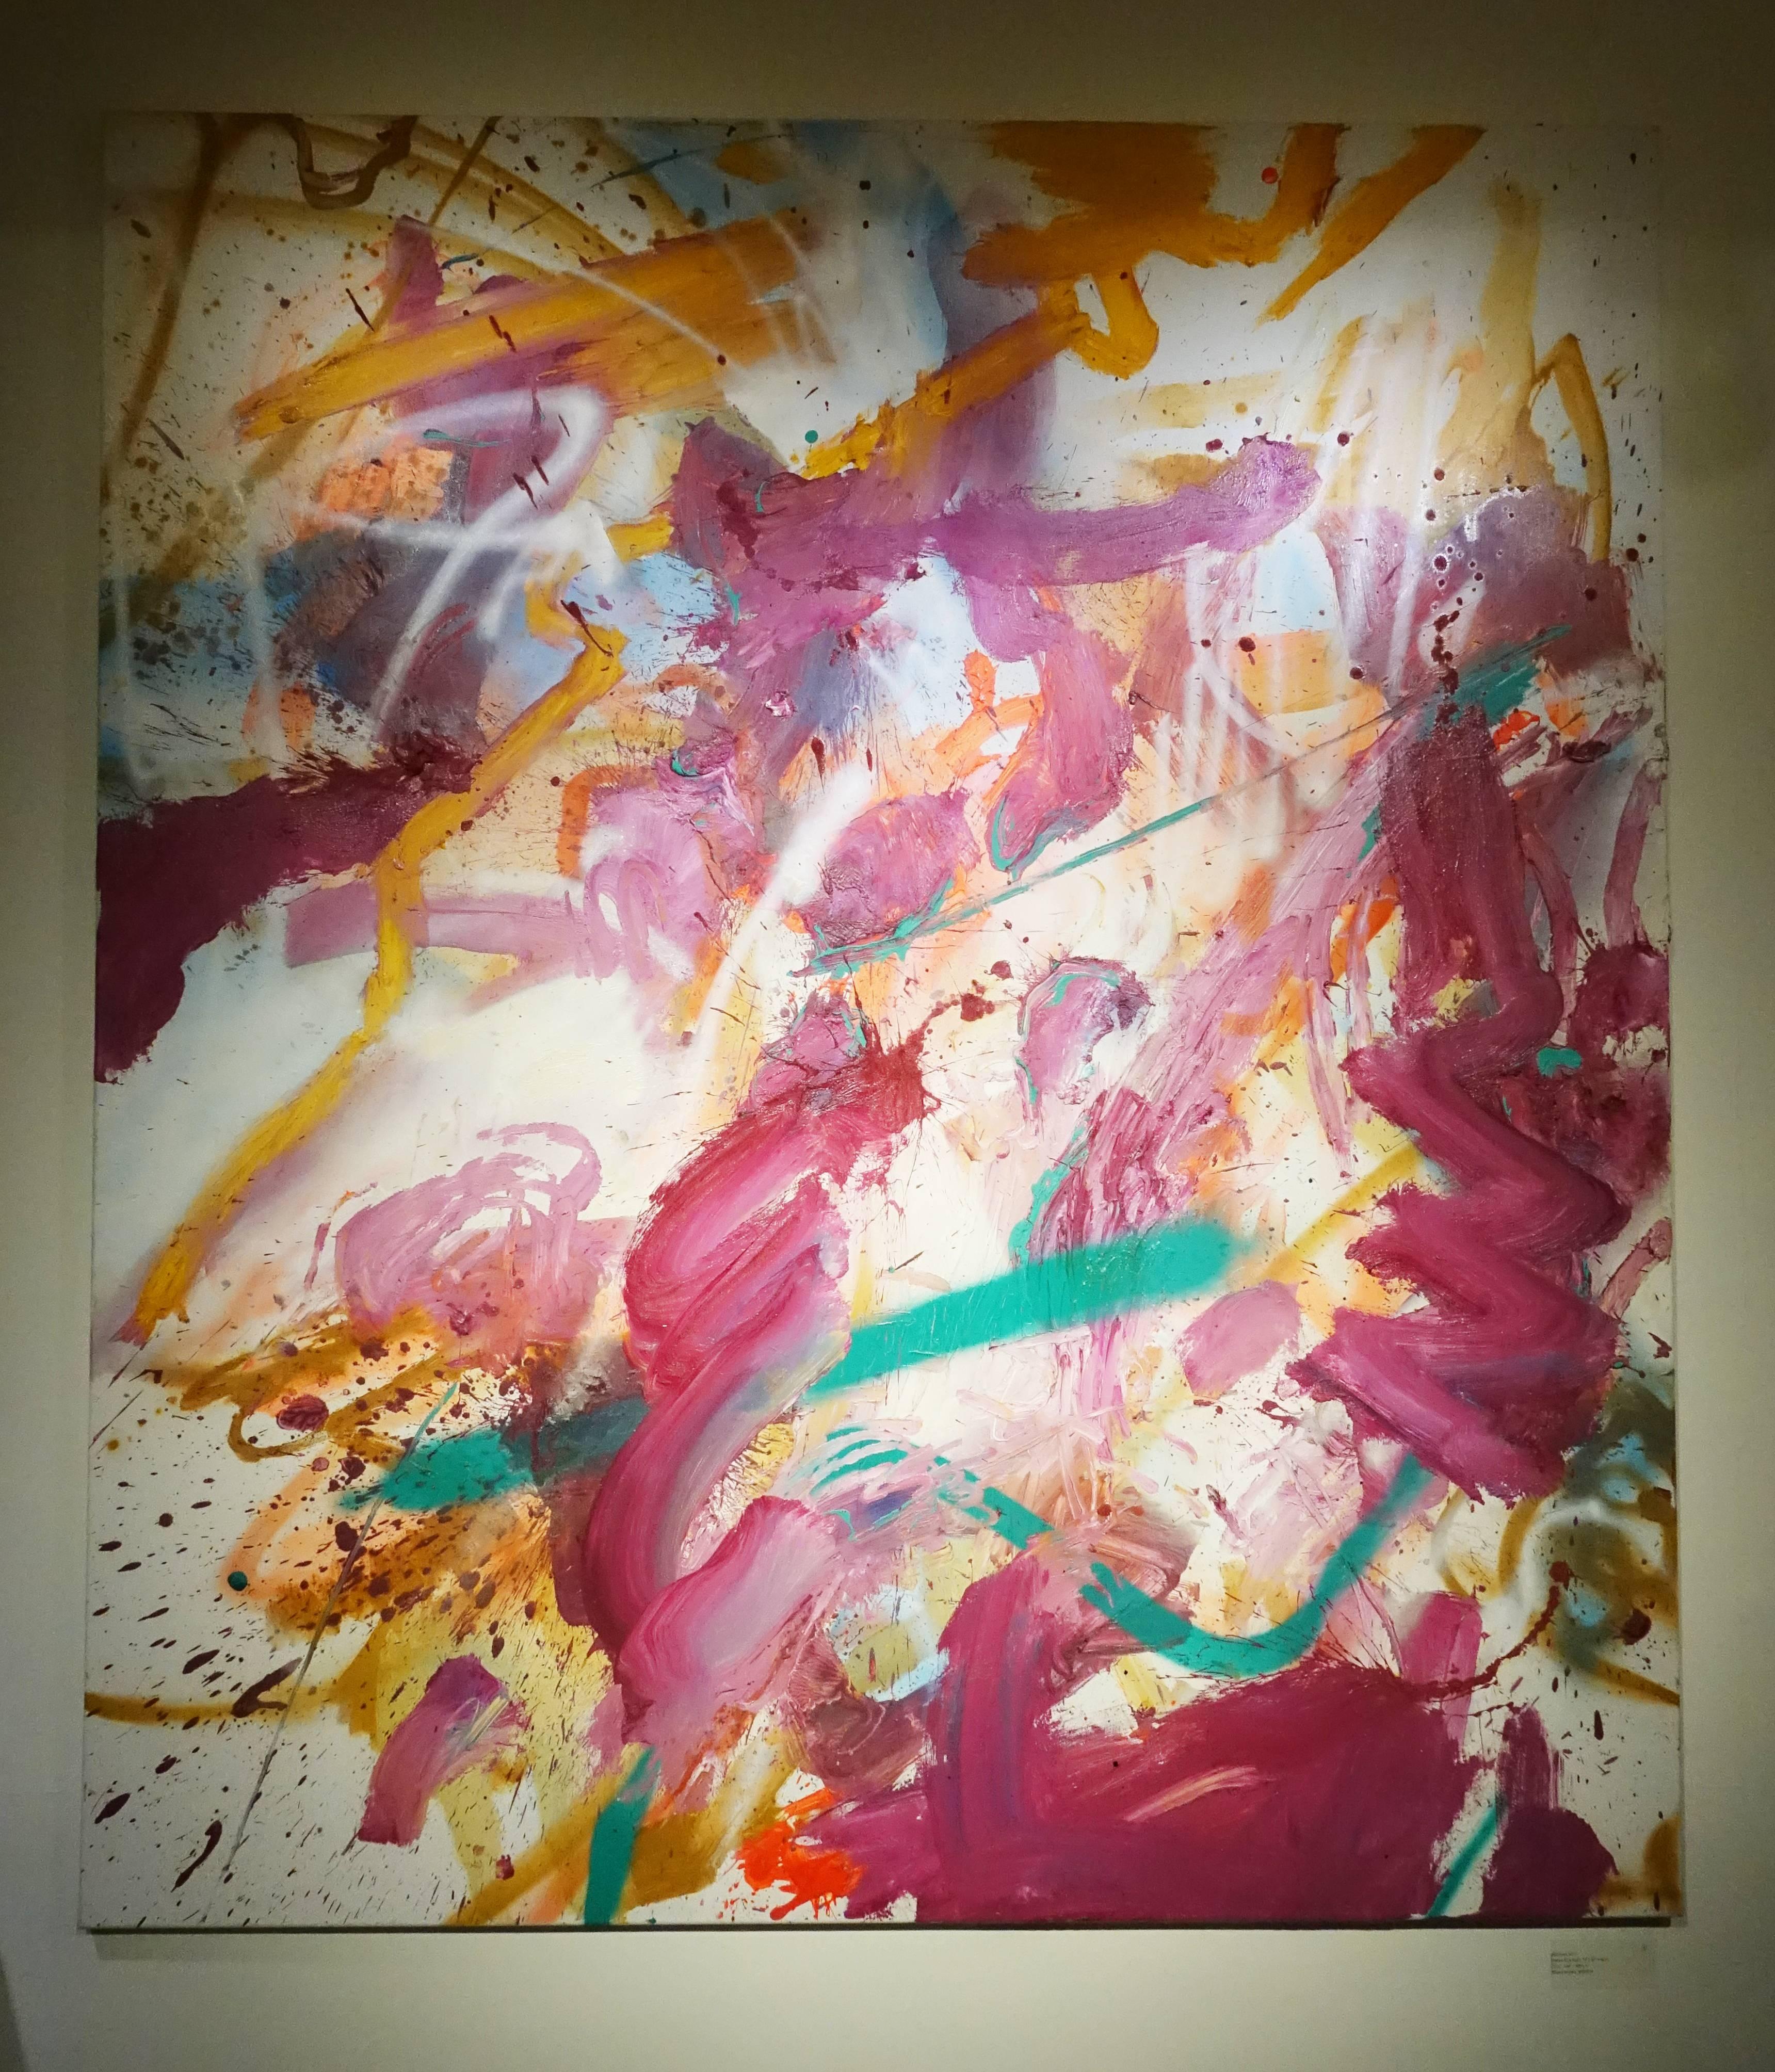 馬可.史卡佩利,《Abstract》,160 x 140 cm ,複合媒材,2016。